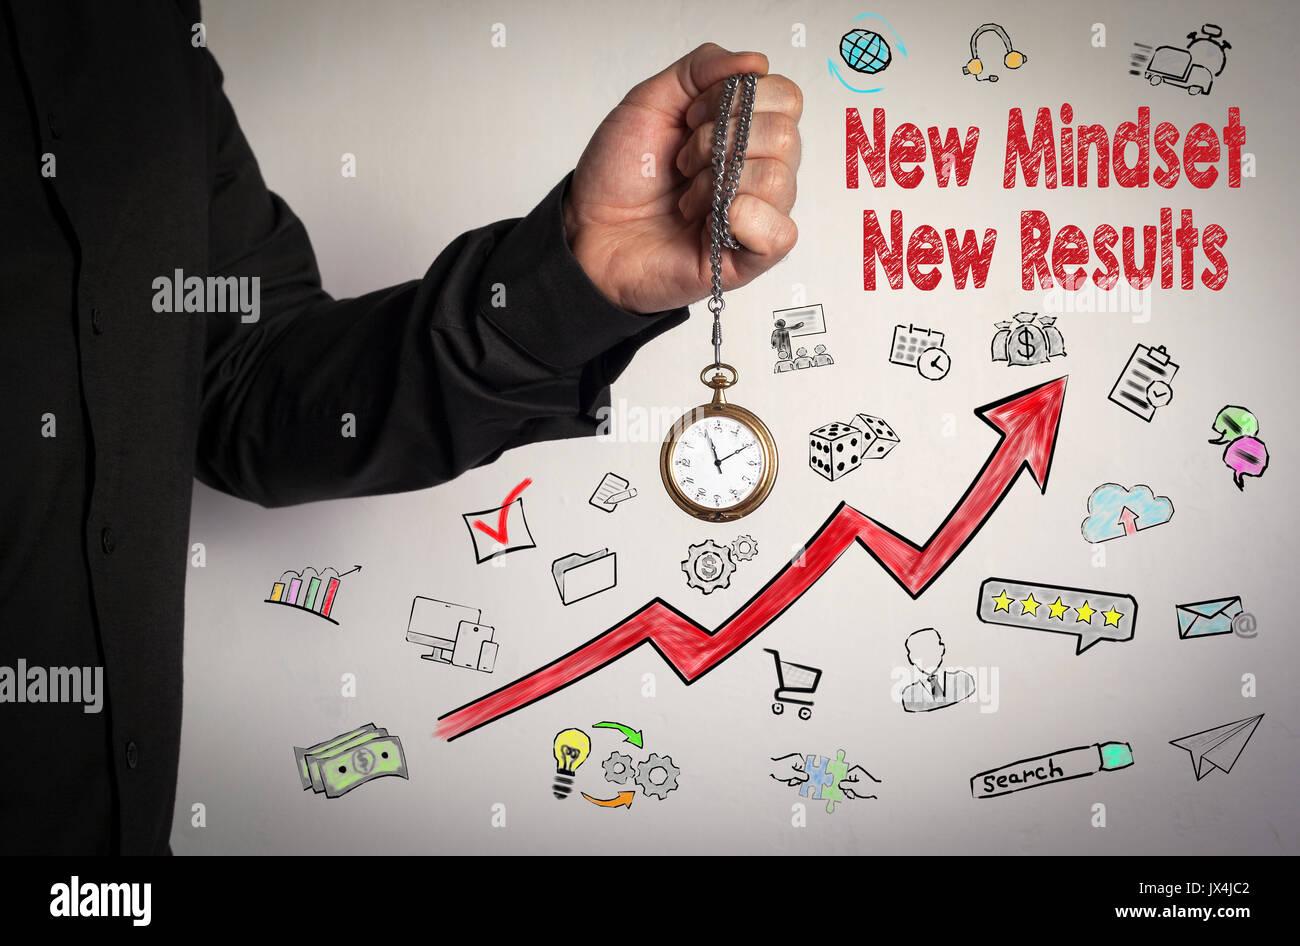 Neue denkrichtung neue Ergebnisse Konzept. roter Pfeil und Symbole um. Mann mit Kette Uhr auf weißem Hintergrund. Stockbild